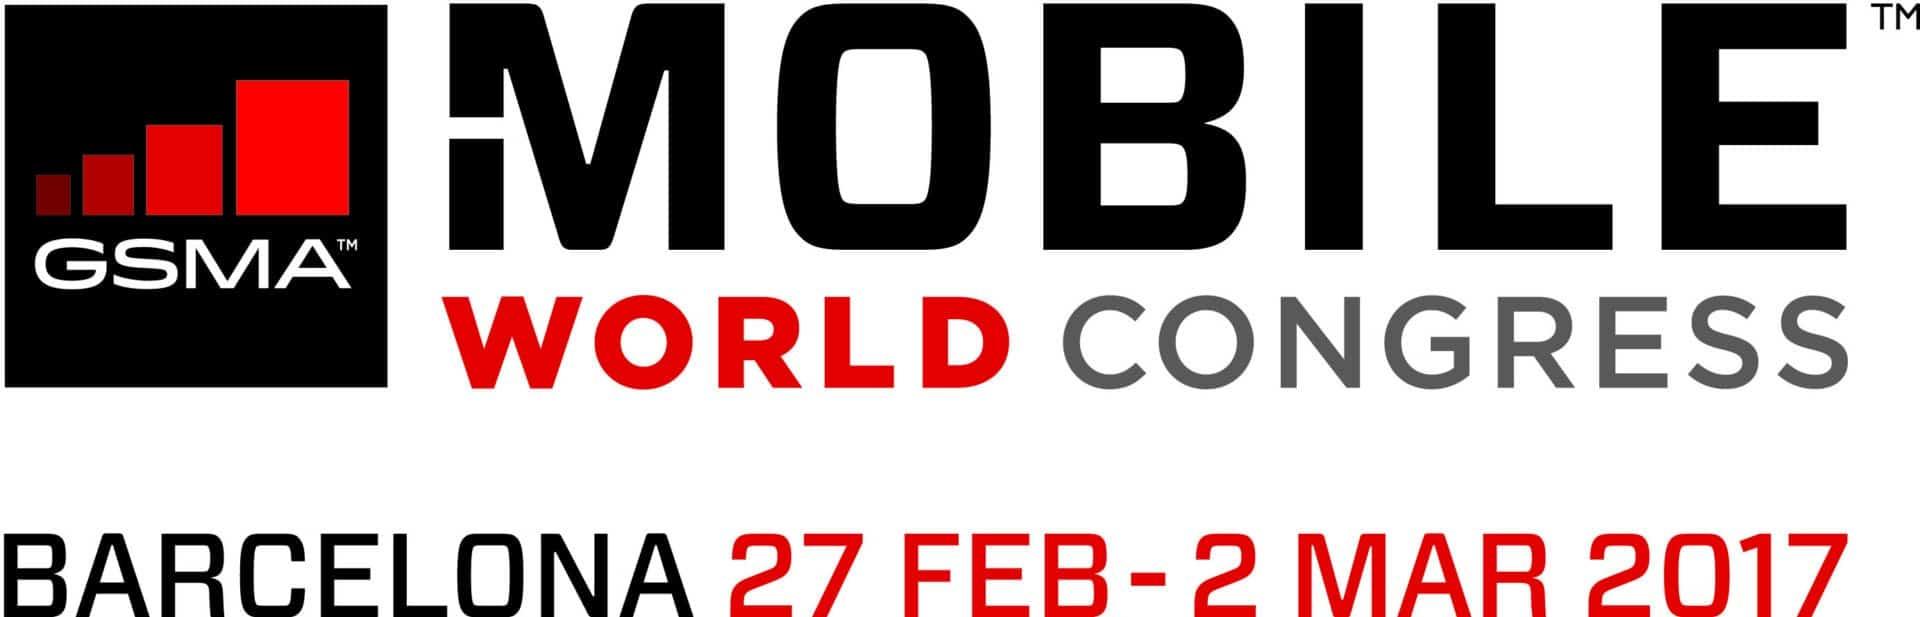 GSMA Mobile World Congress 2017